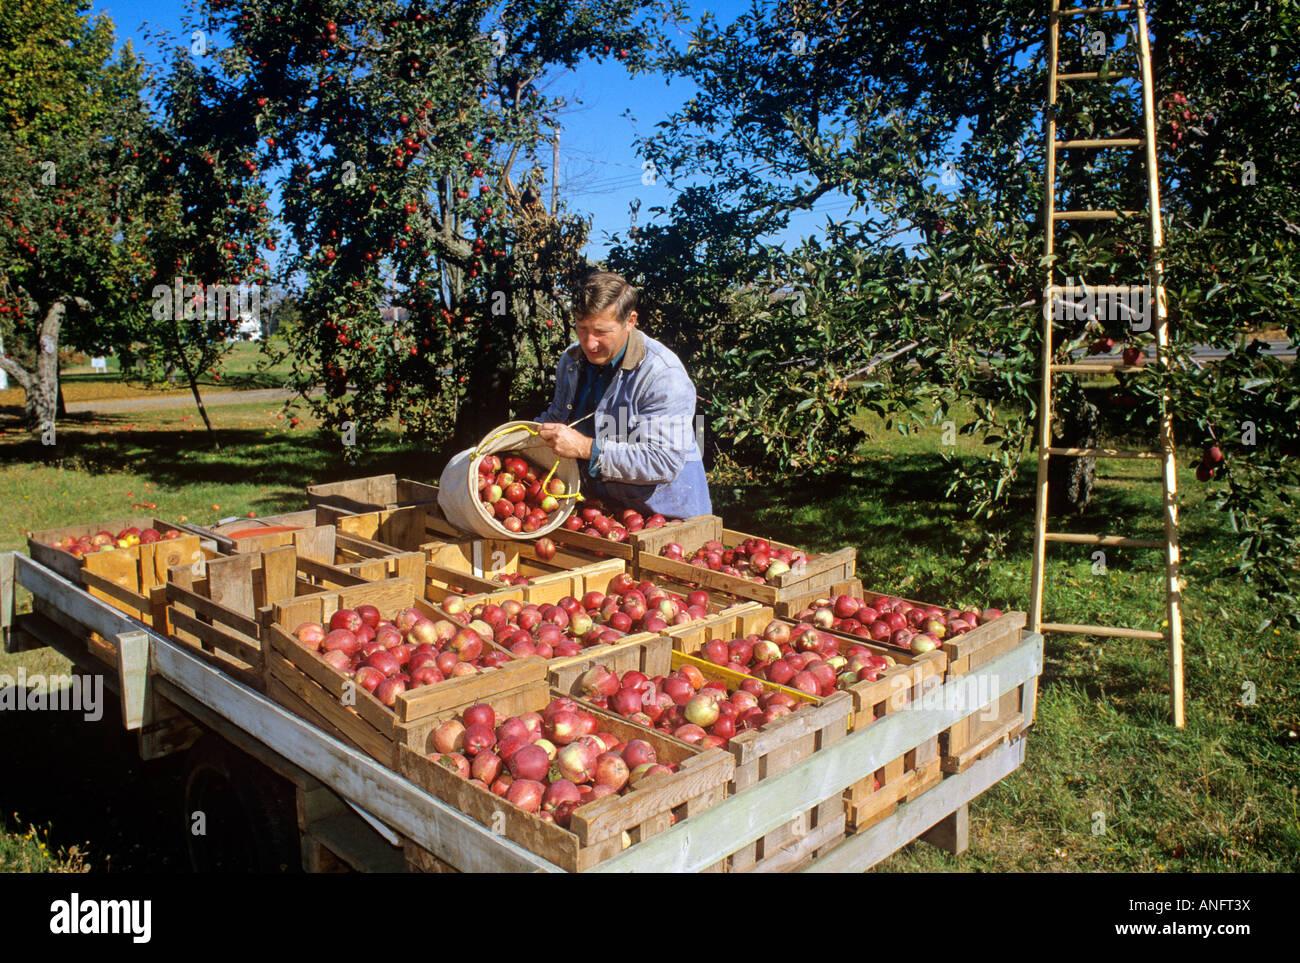 Agricoltore la raccolta di mele in autunno a Canning, Nova Scotia, Canada. Immagini Stock